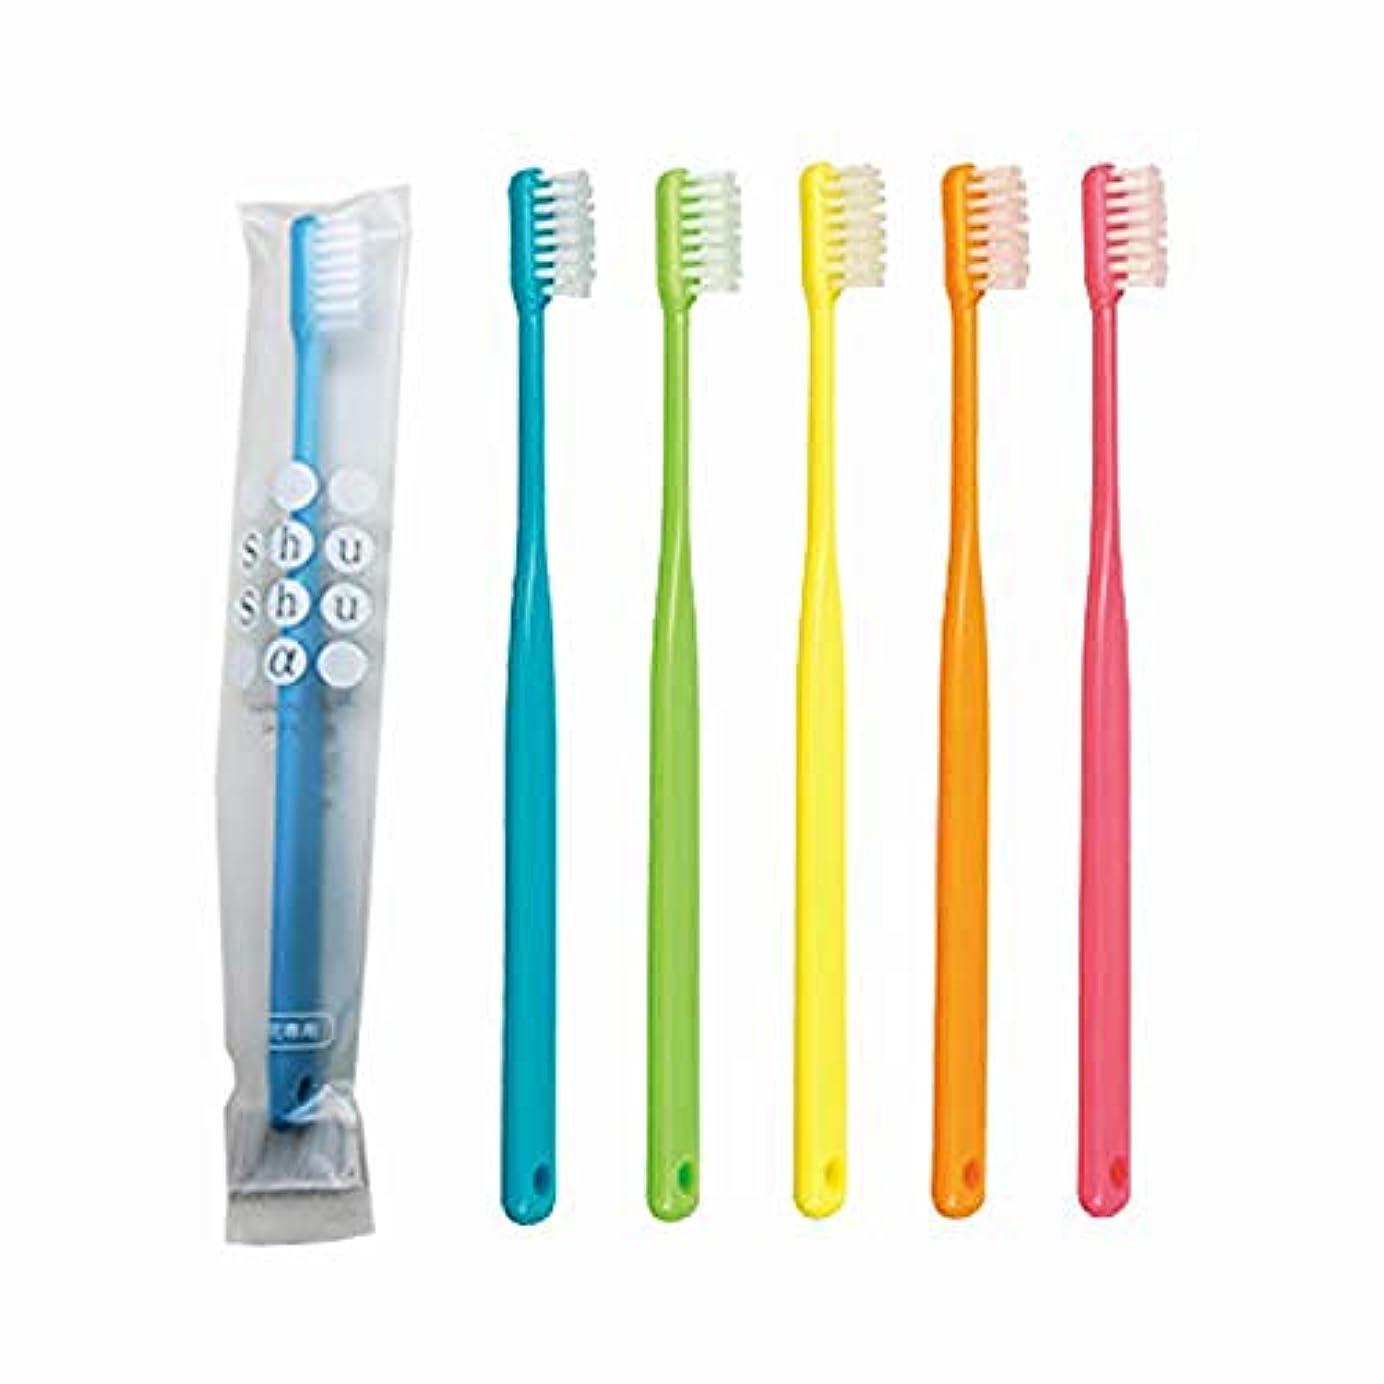 連鎖スズメバチヘッドレス歯科専売品 大人用歯ブラシ FEED Shu Shu α(シュシュアルファ)×20本 S (やわらかめ)